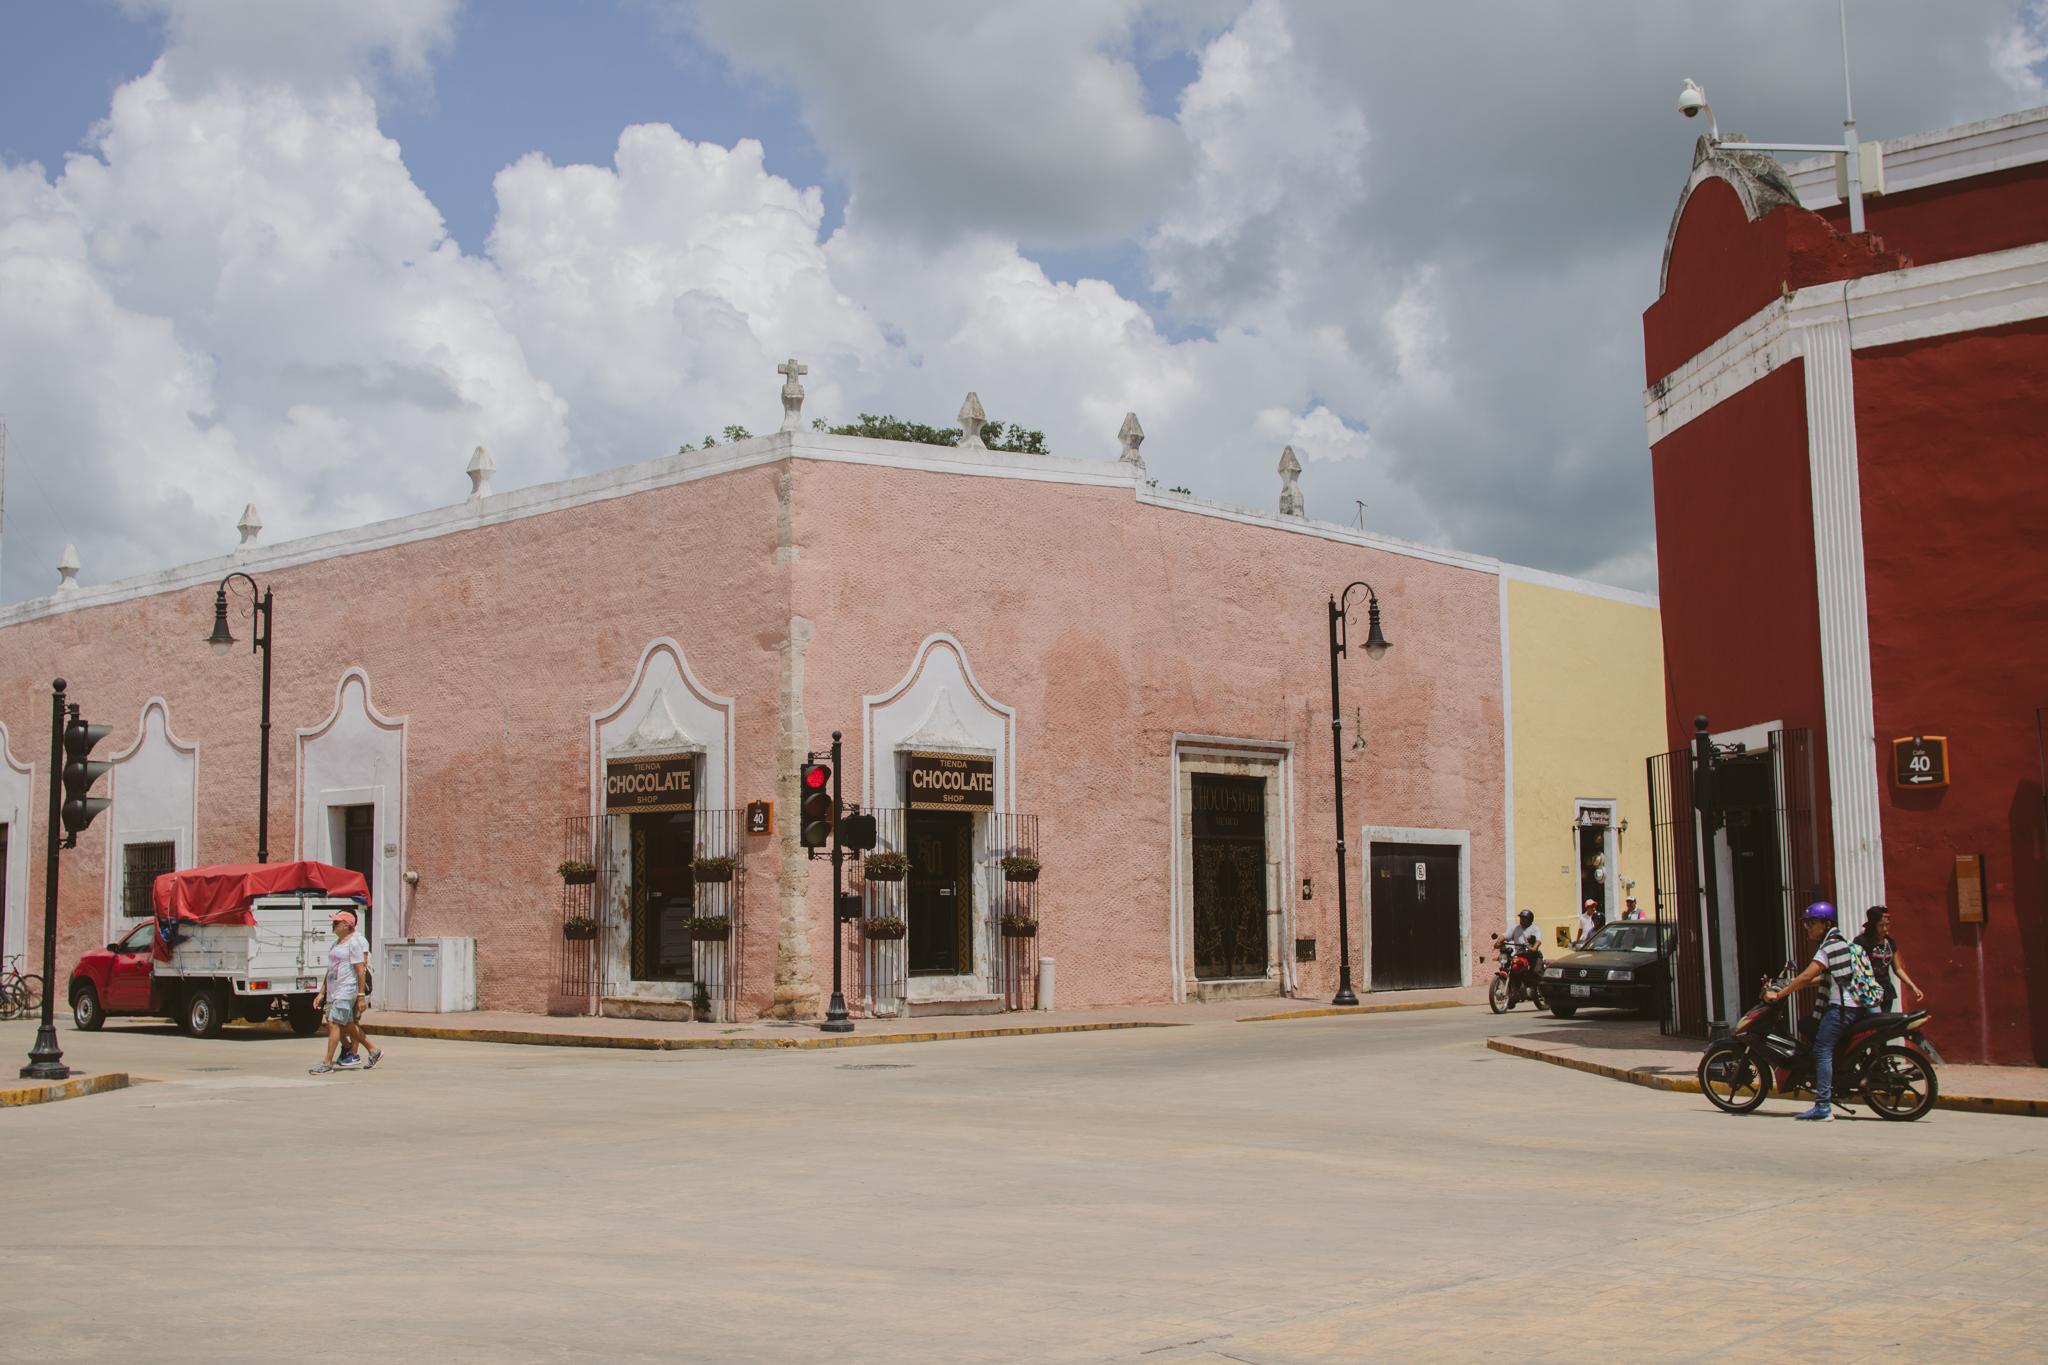 valladolid-mexico-city